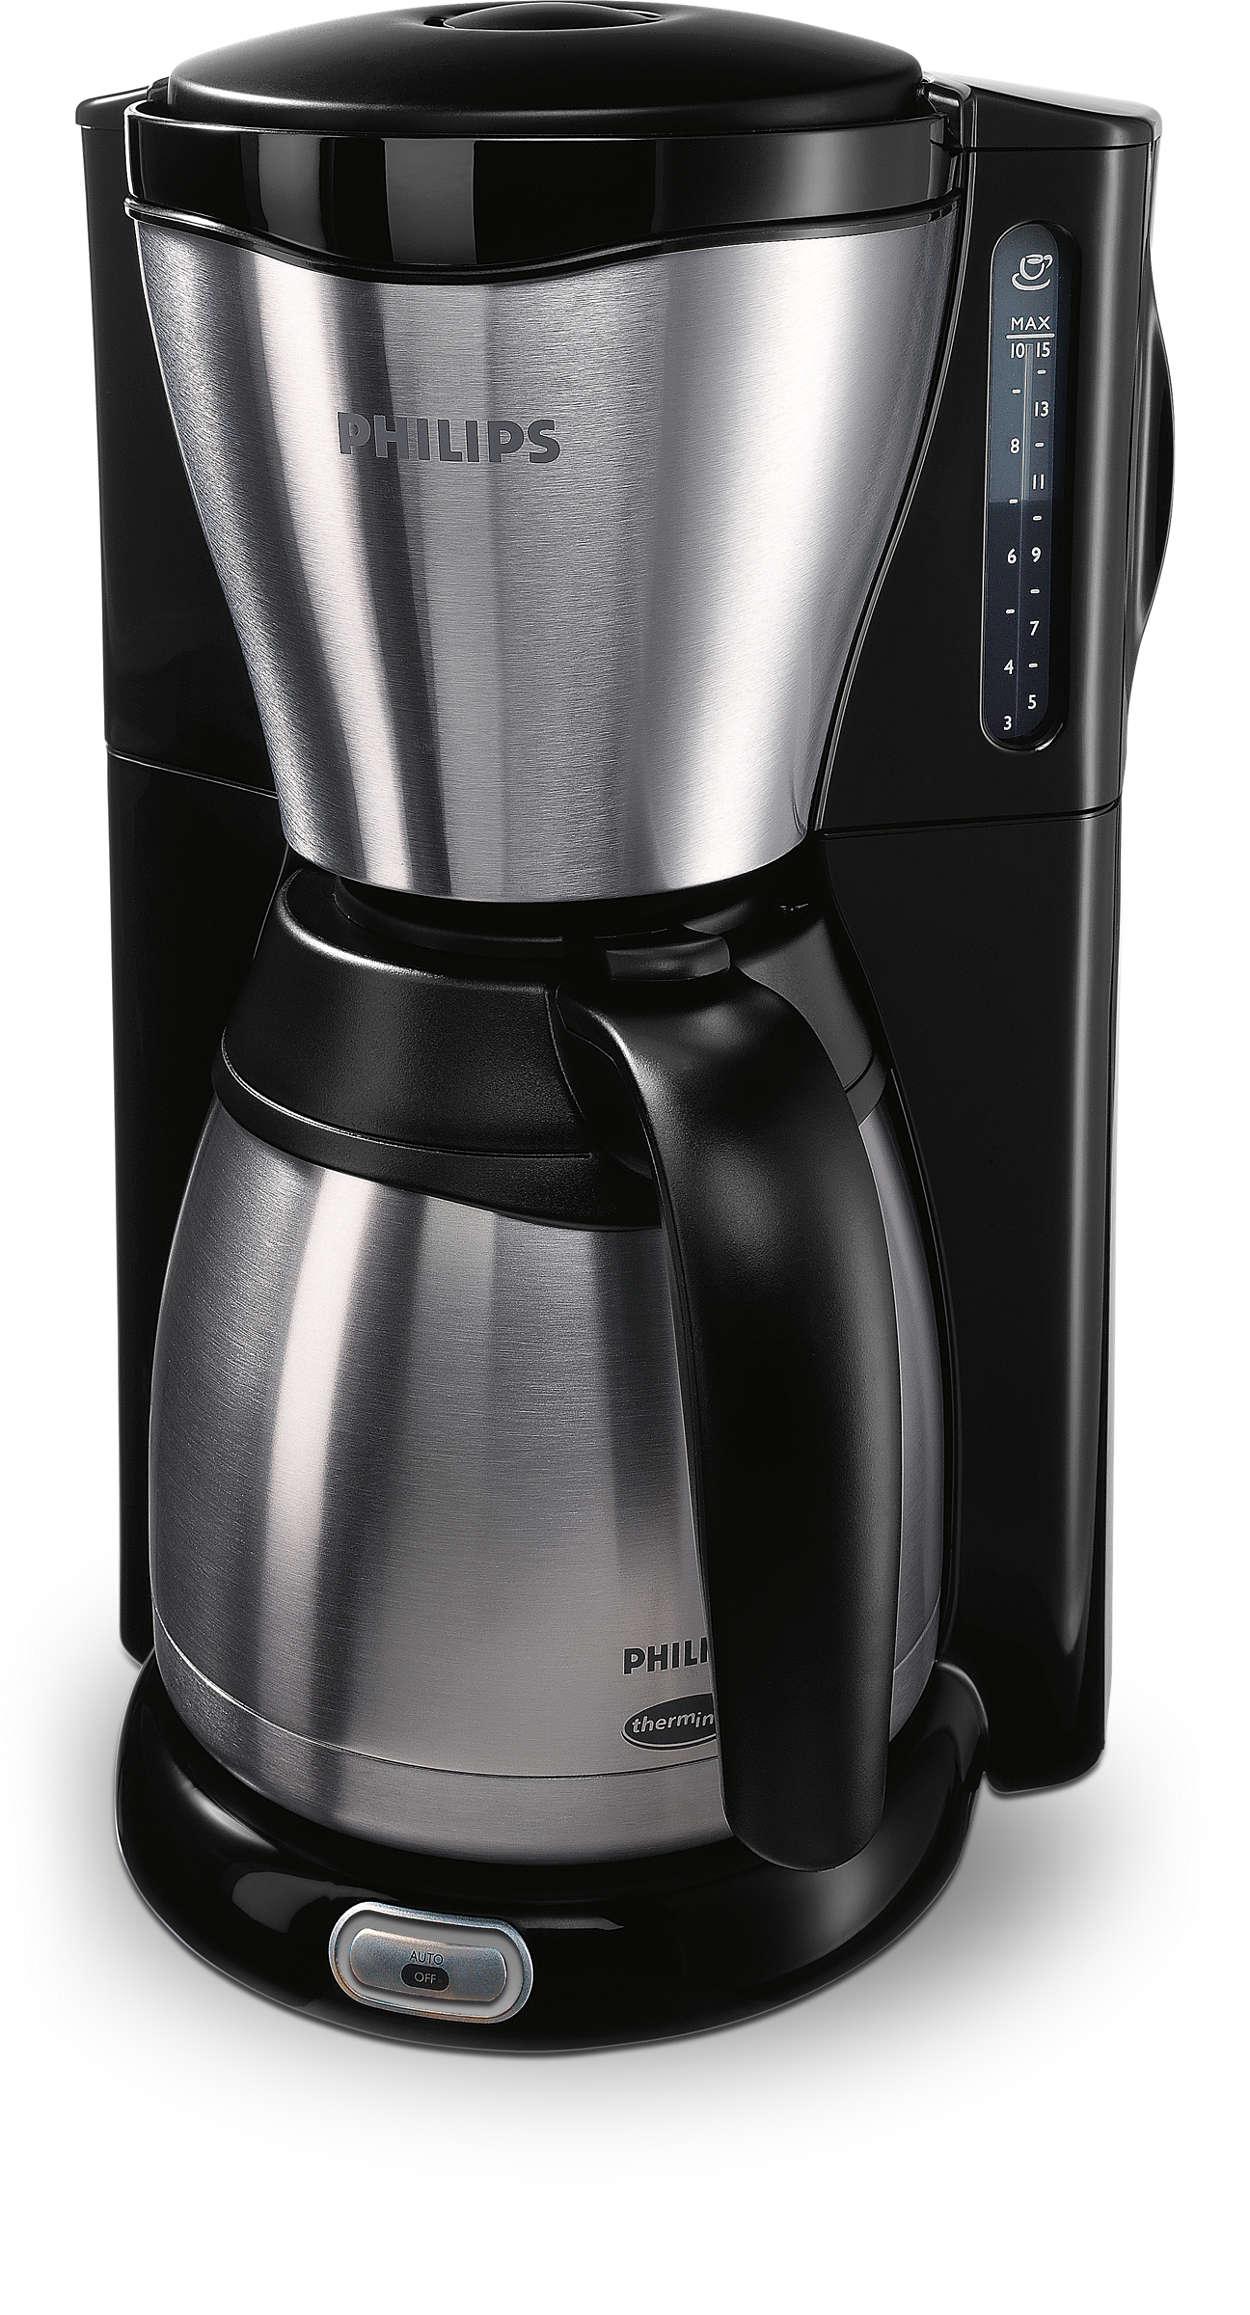 Café quente e delicioso, no nosso design emblemático